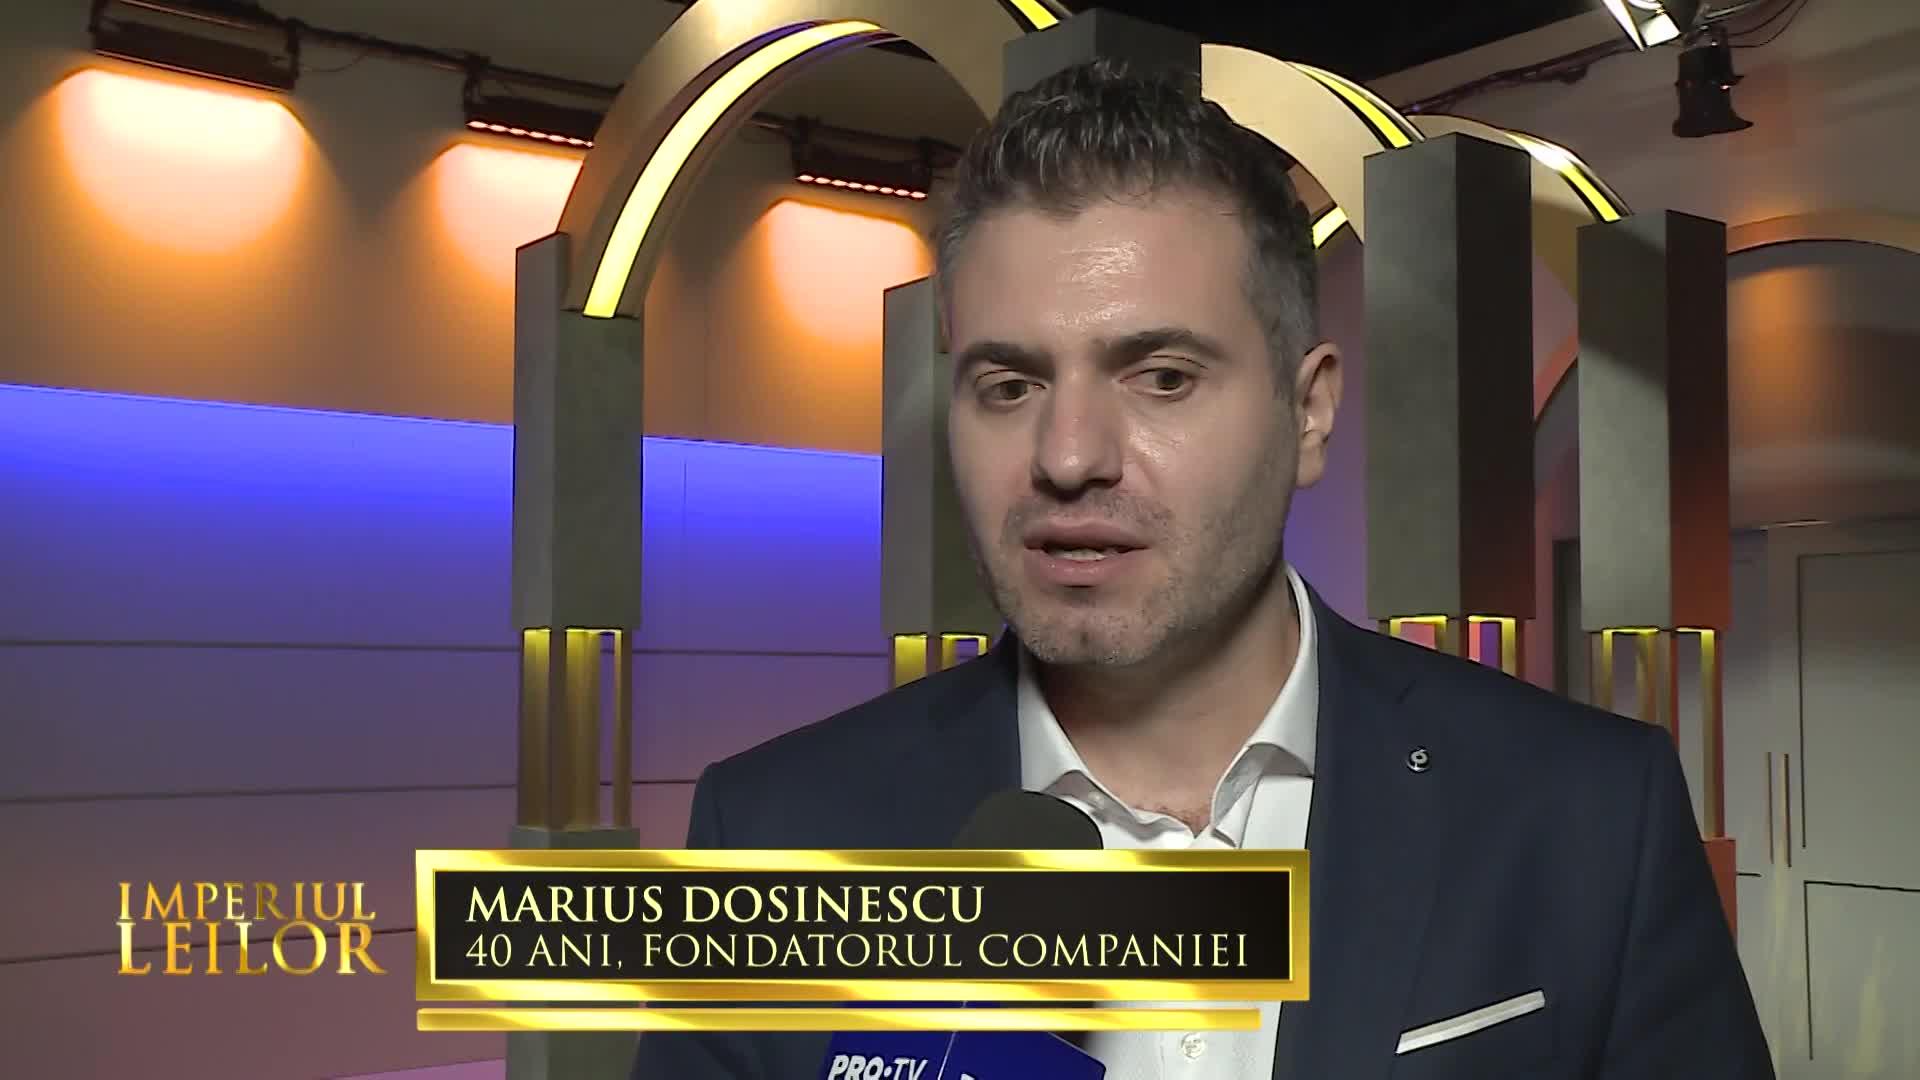 MARIUS DOSINESCU ONLINE_